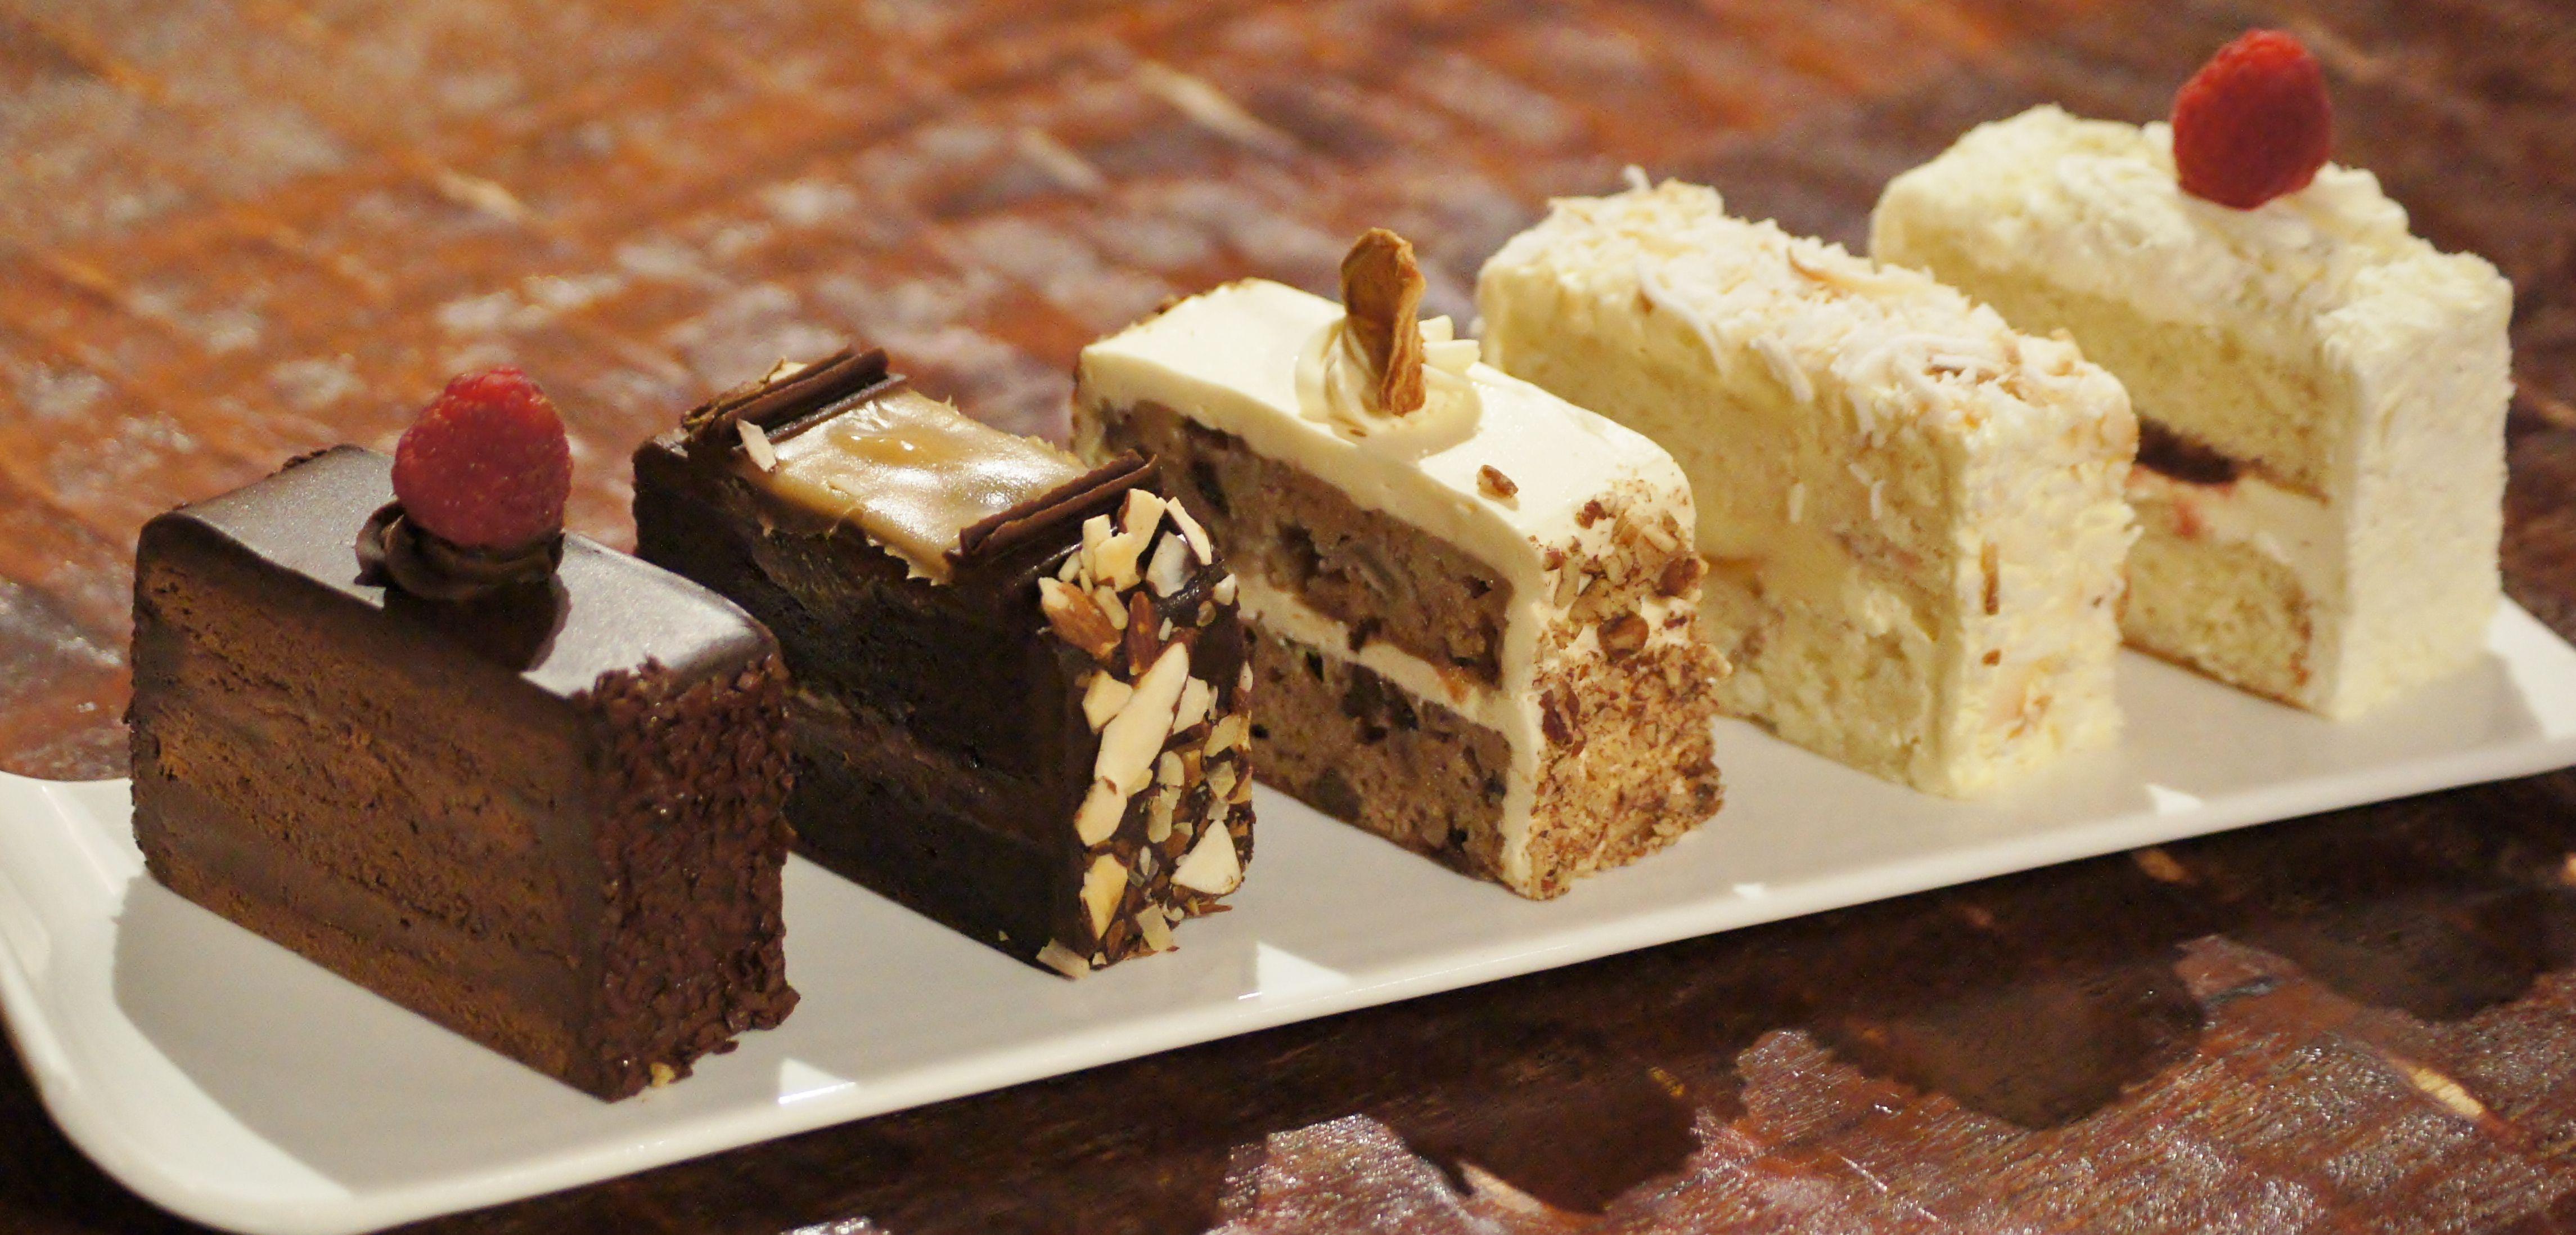 Assorted Karen\u0027s Bakery cake slices